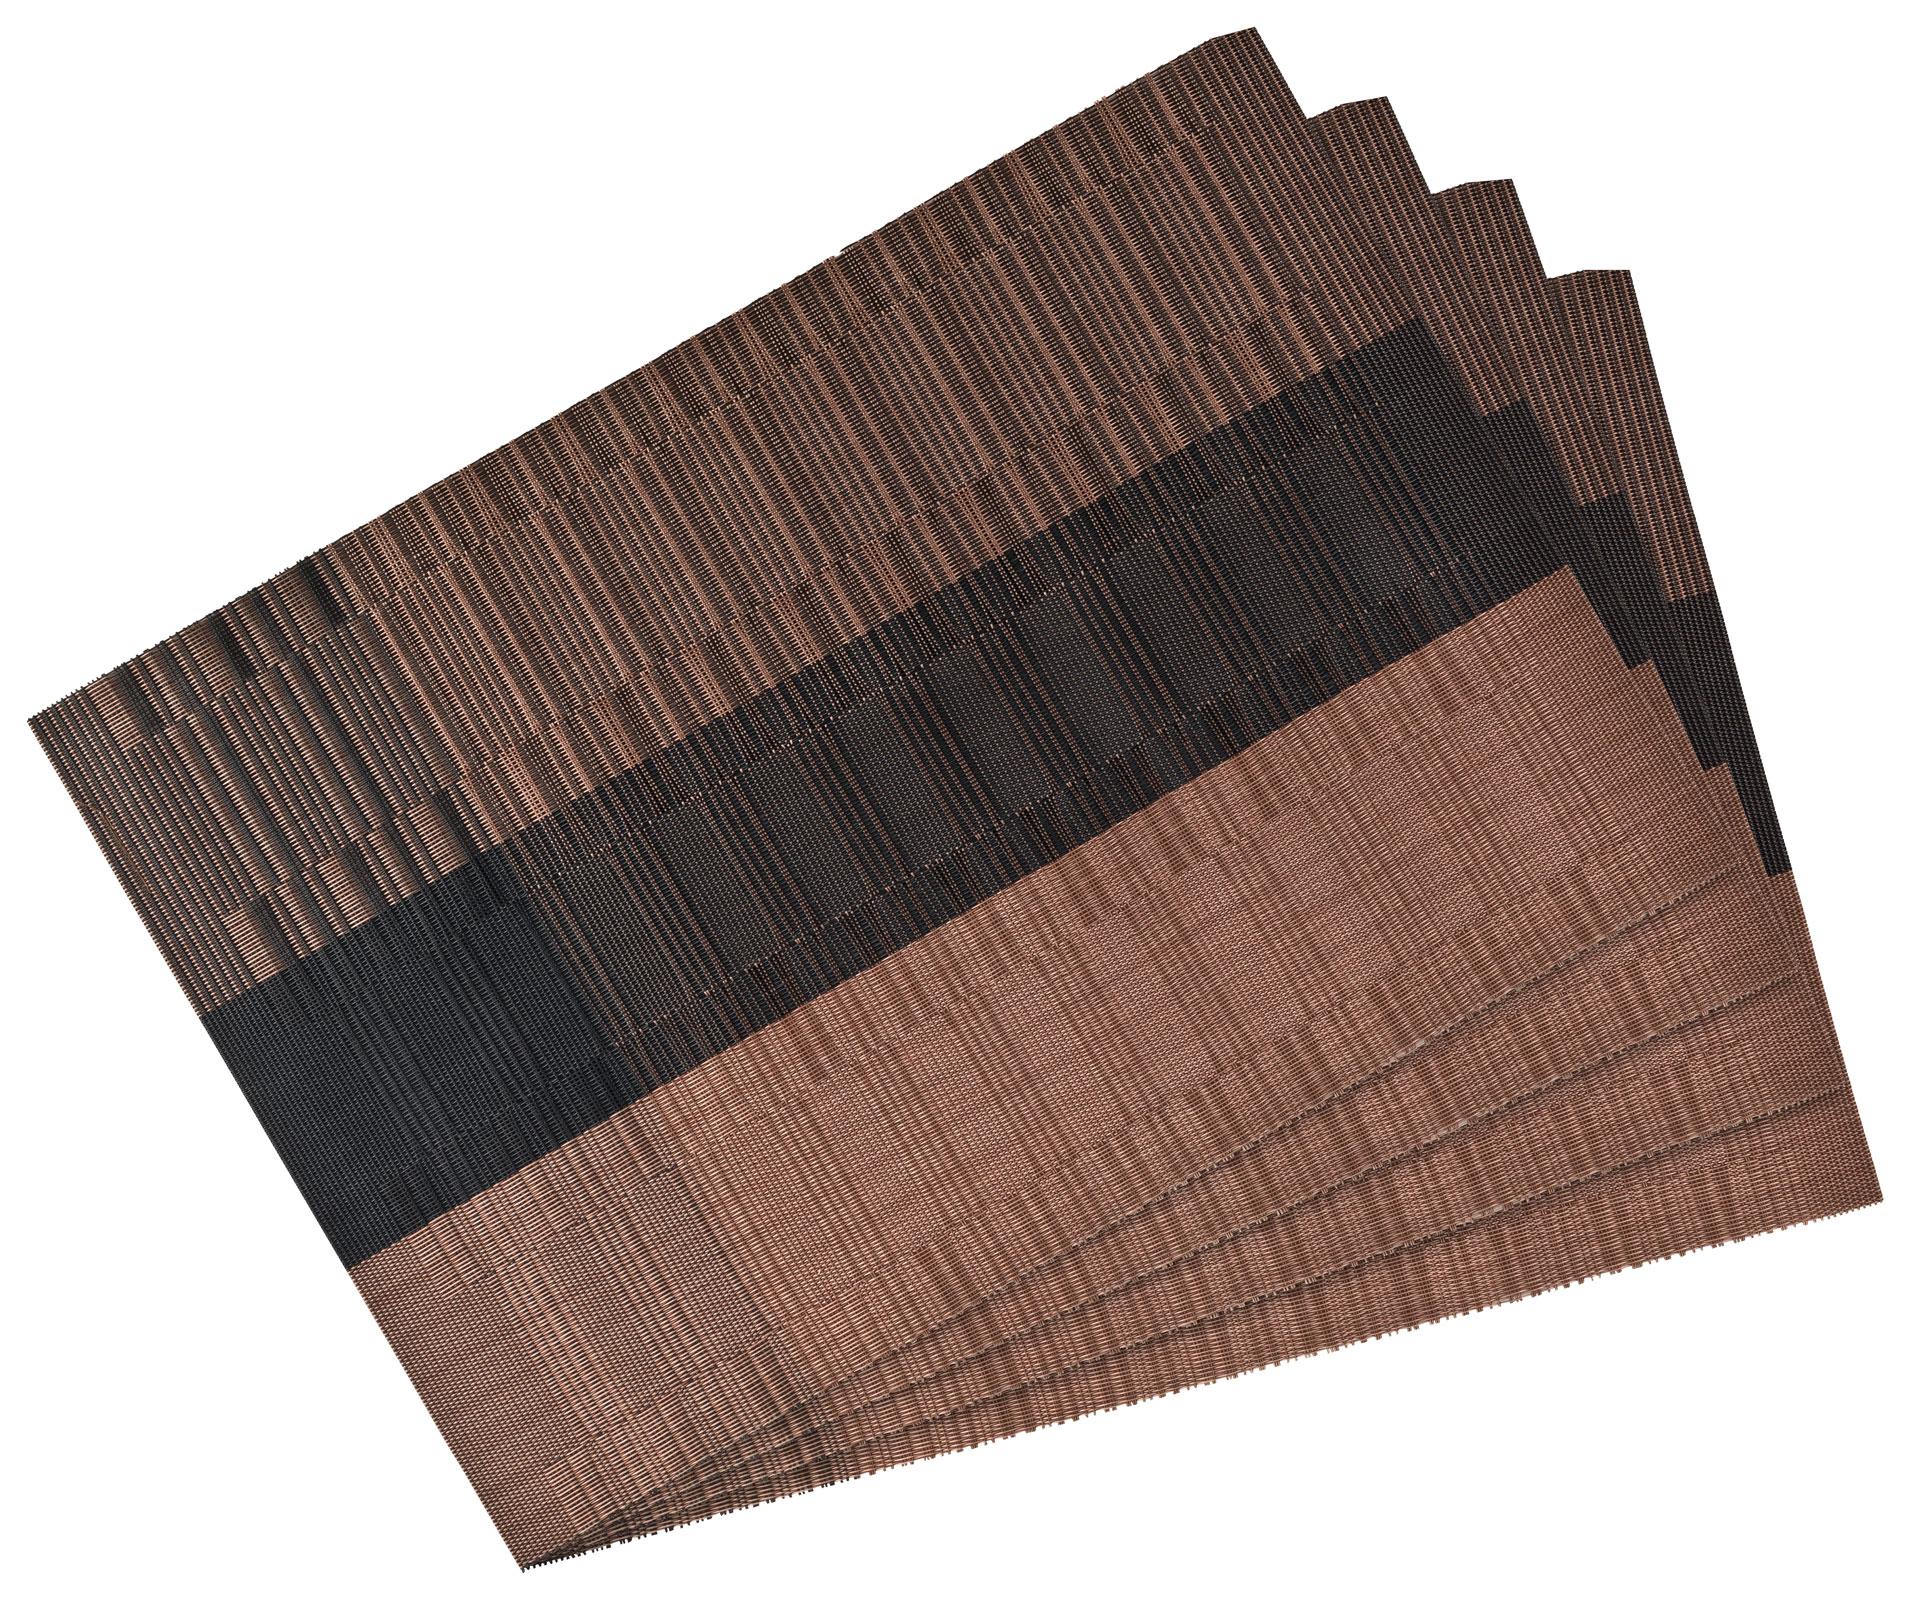 Küchentextilien - 4er Pack Platzset Tischset 30x45cm waschbar und hitzebeständig Streifen kupfer  - Onlineshop PremiumShop321